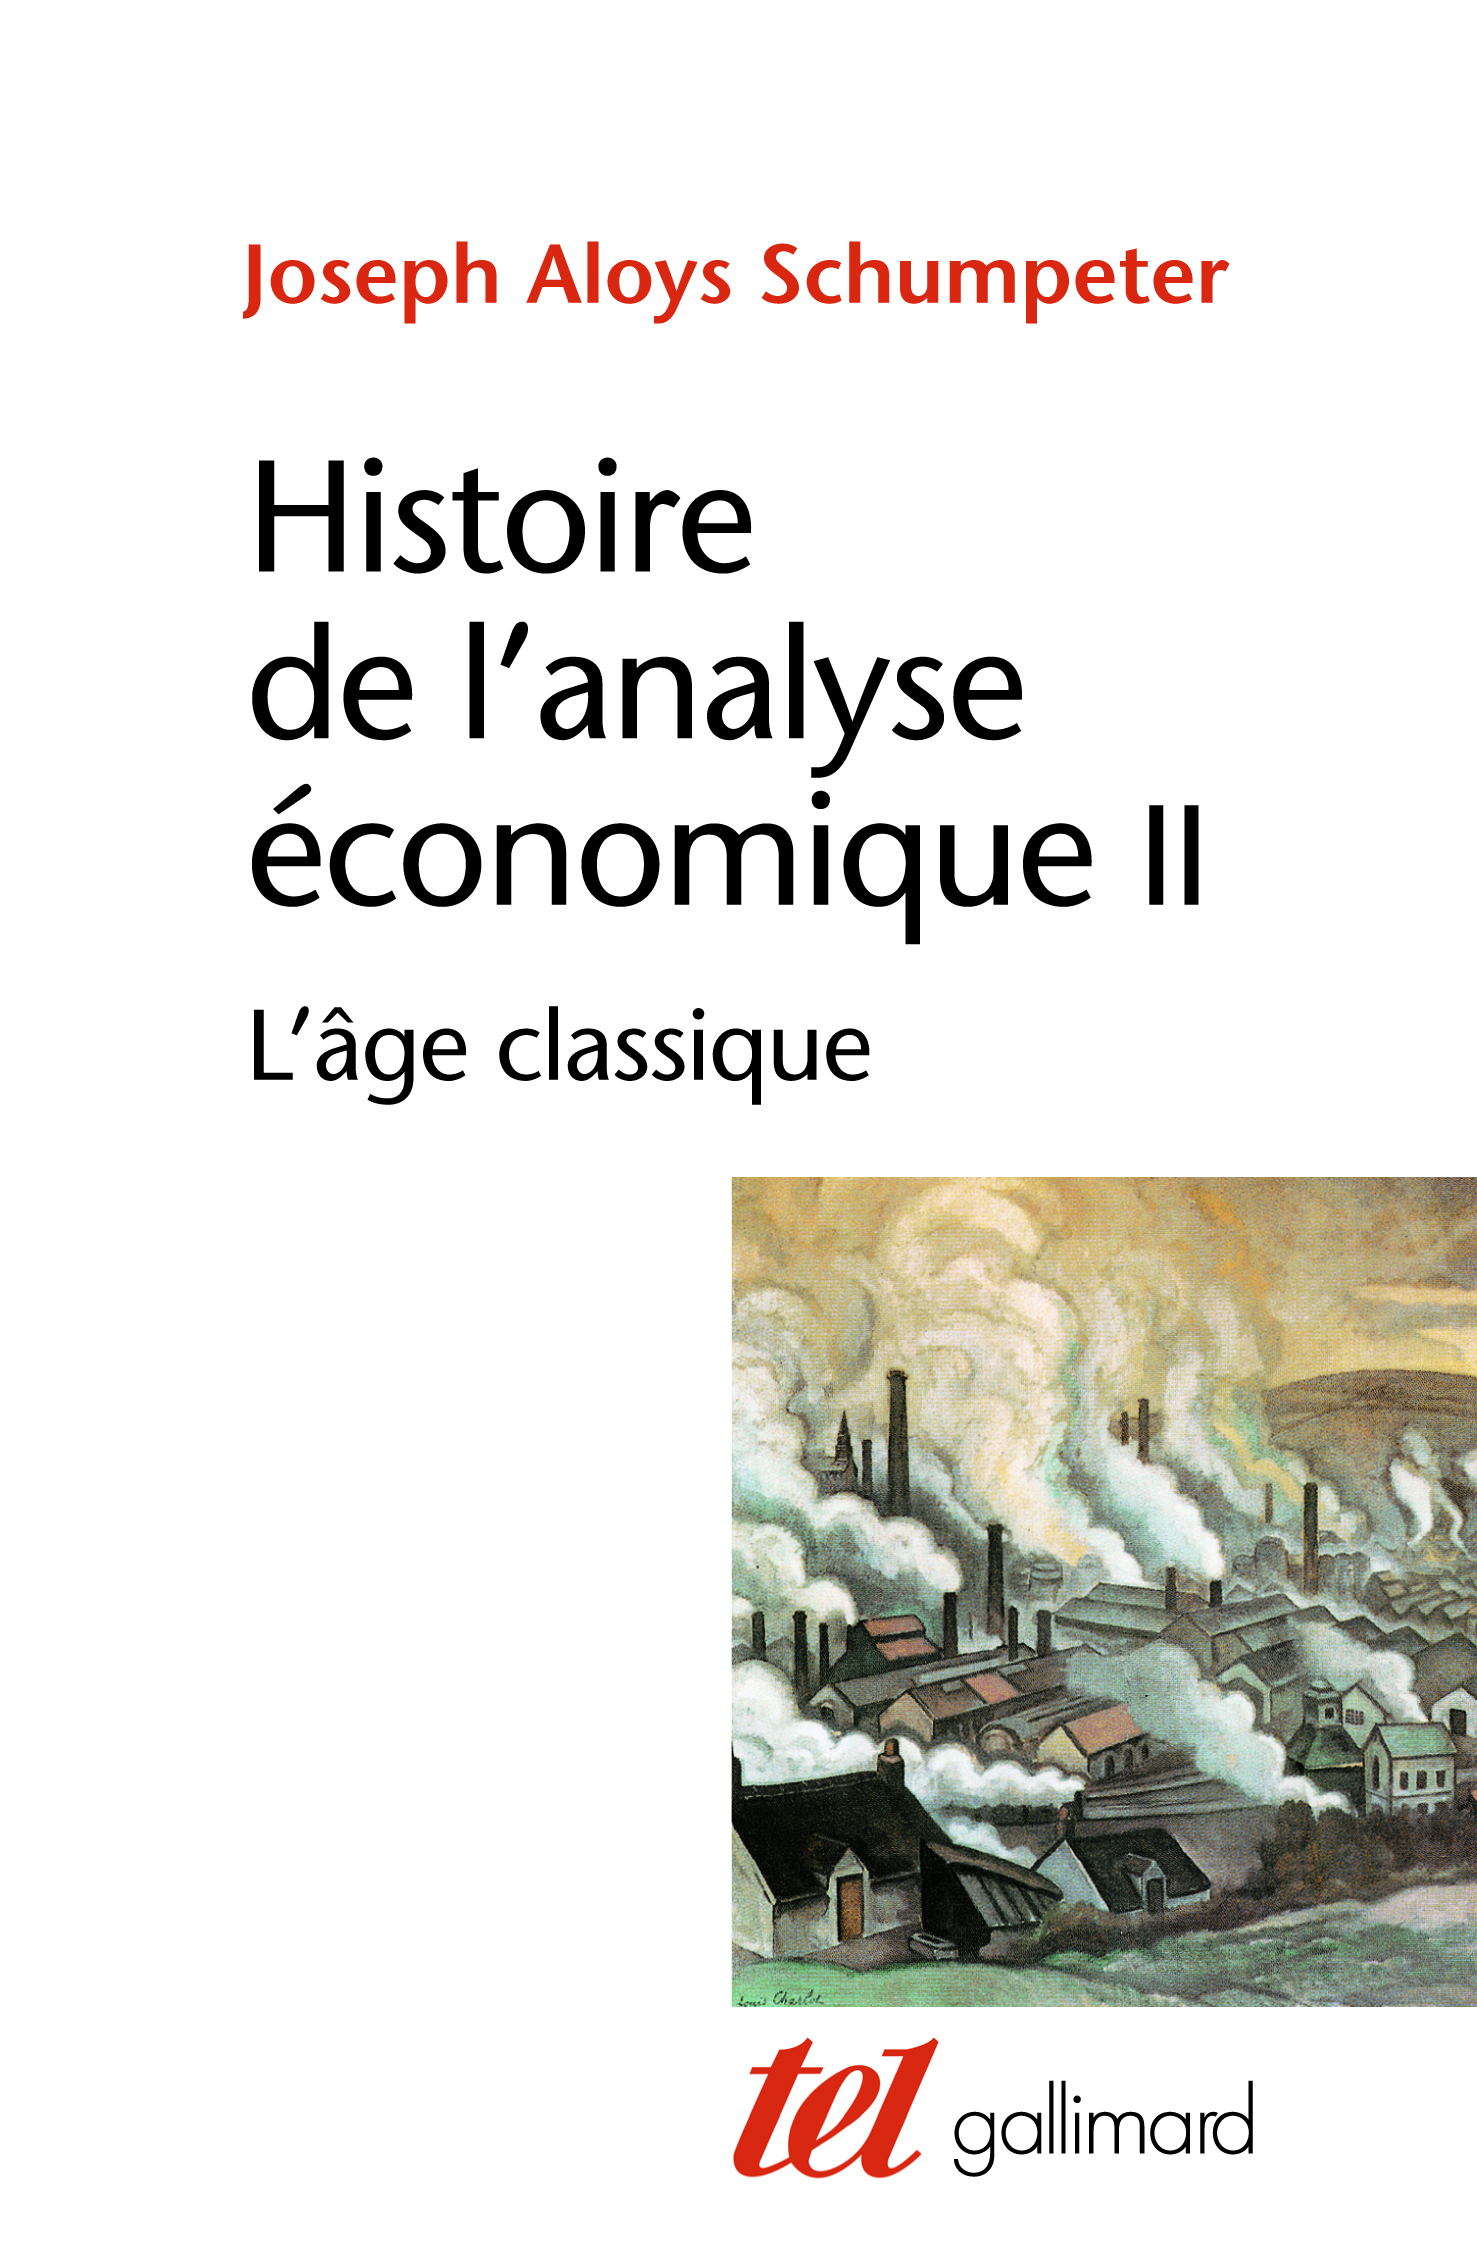 HISTOIRE DE L'ANALYSE ECONOMIQUE (TOME 2-L'AGE CLASSIQUE (1790 A 1870))